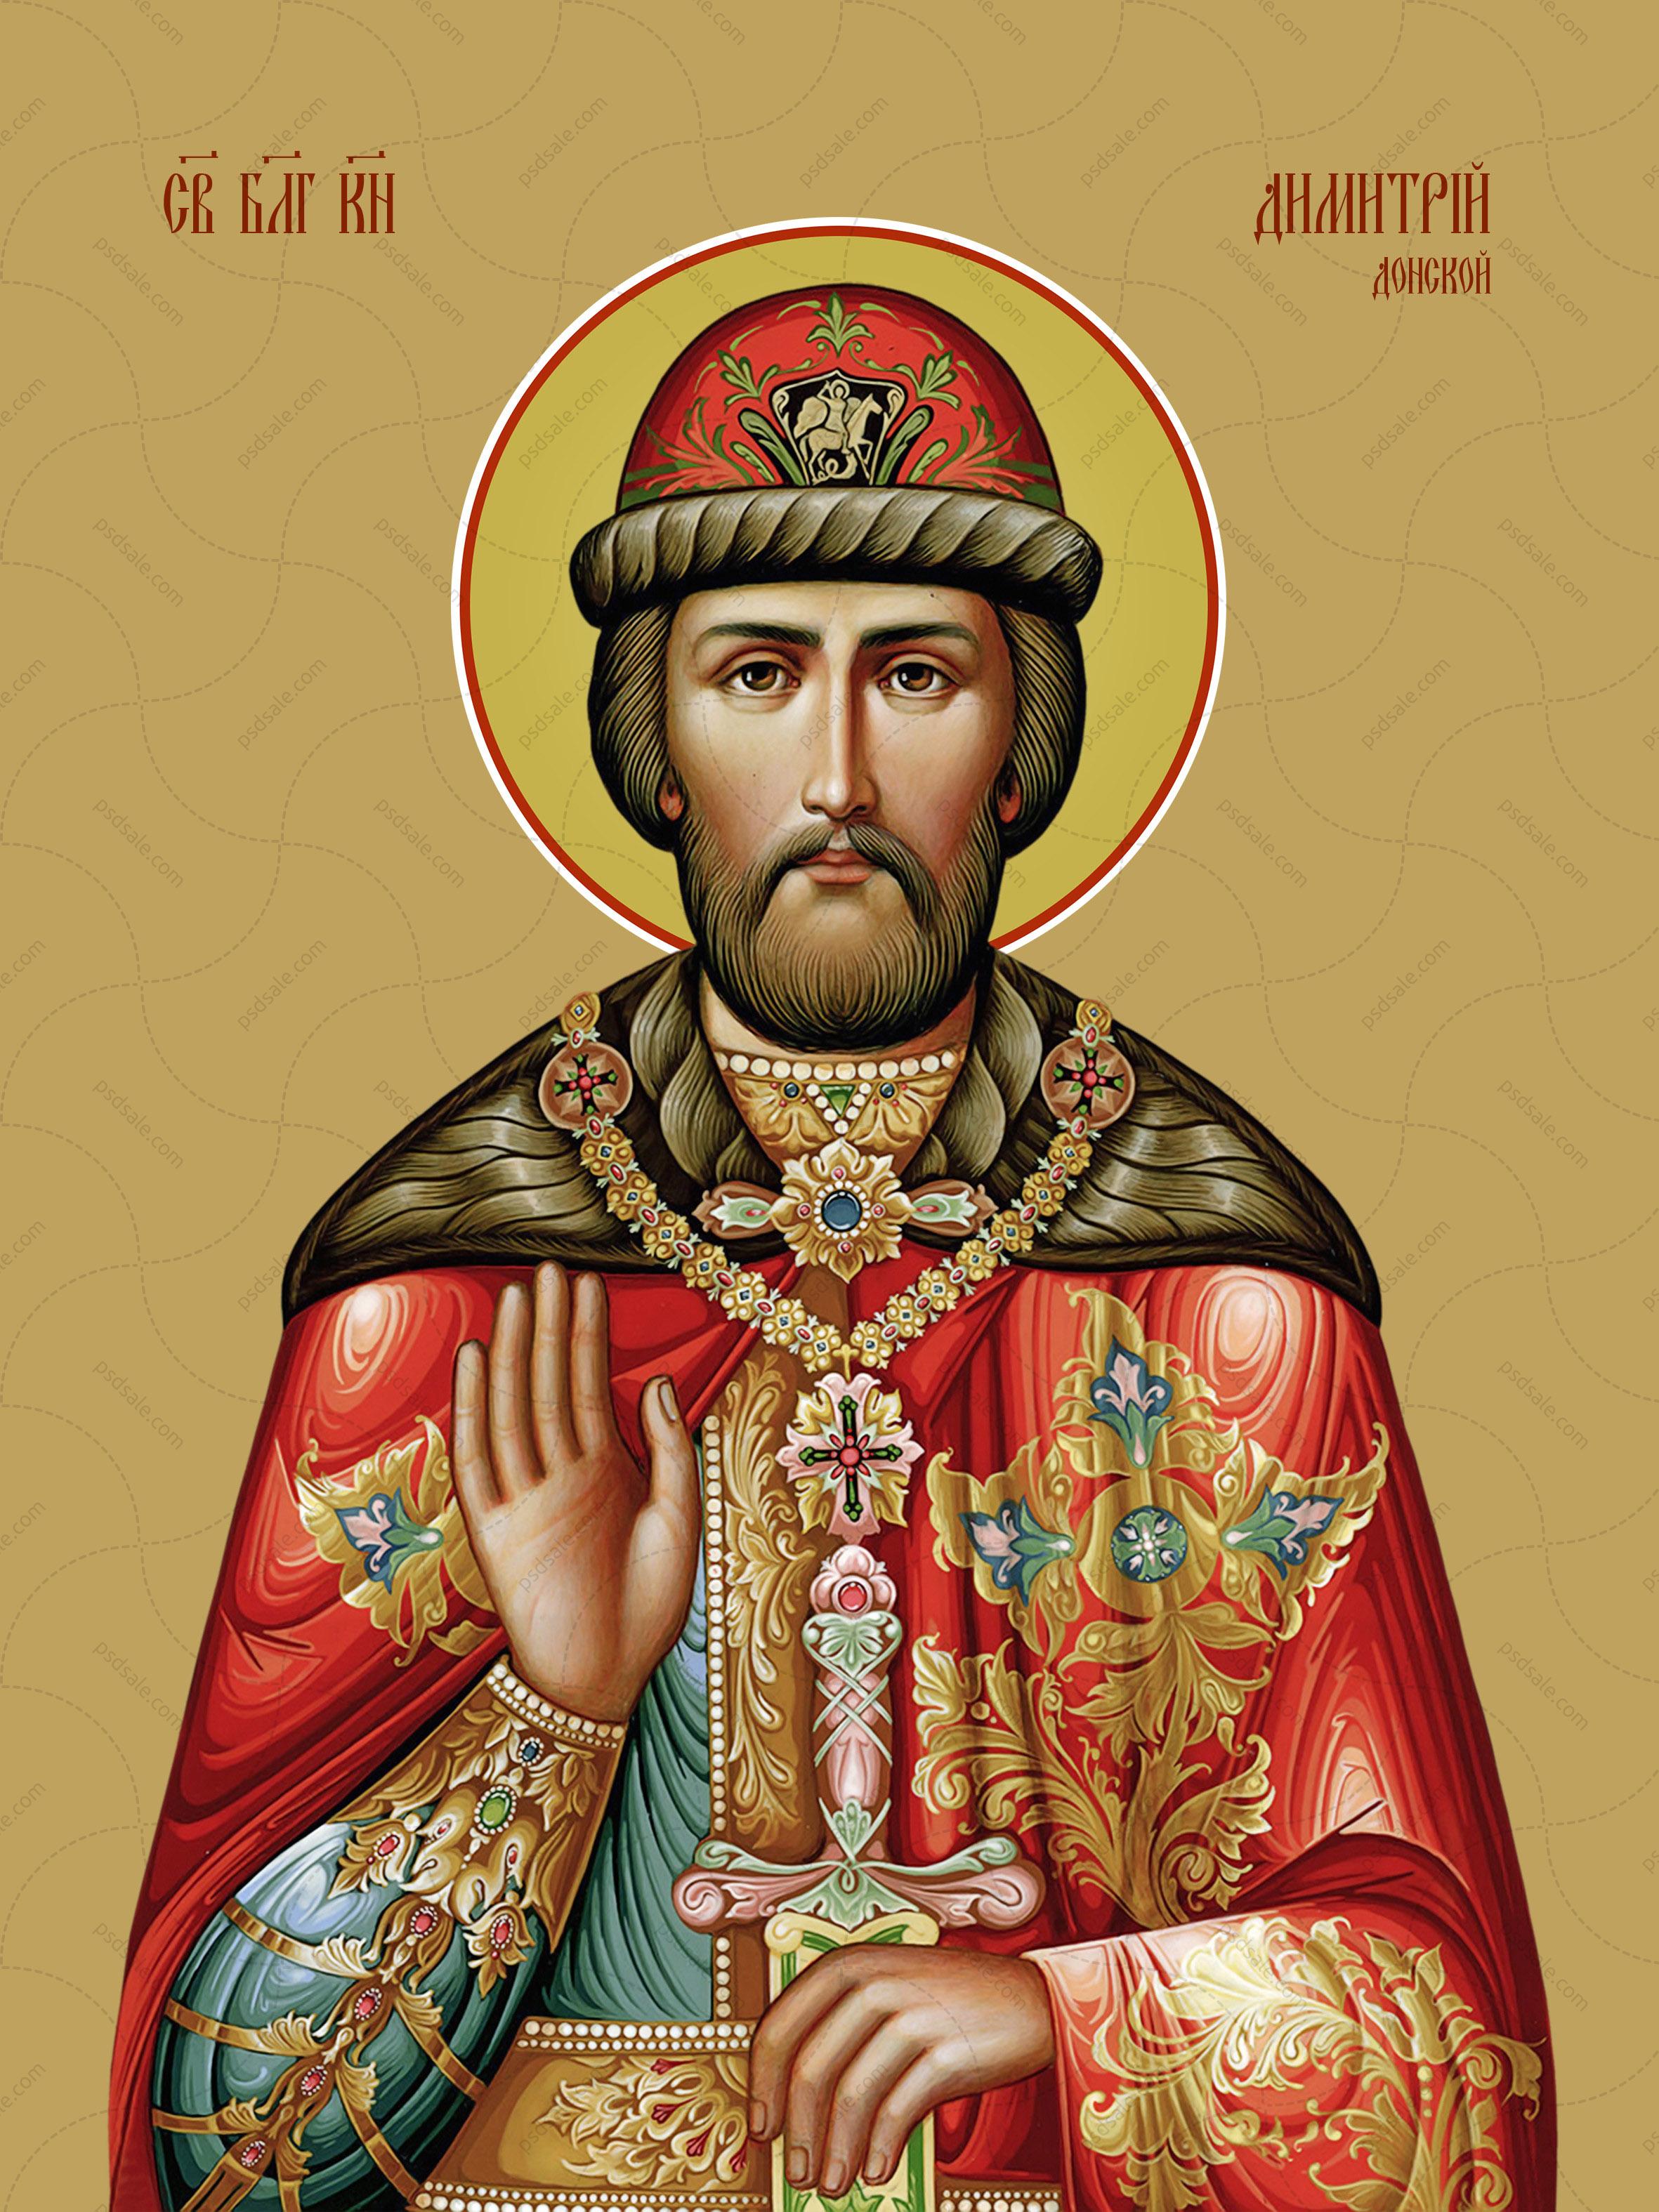 Дмитрий Донской, князь